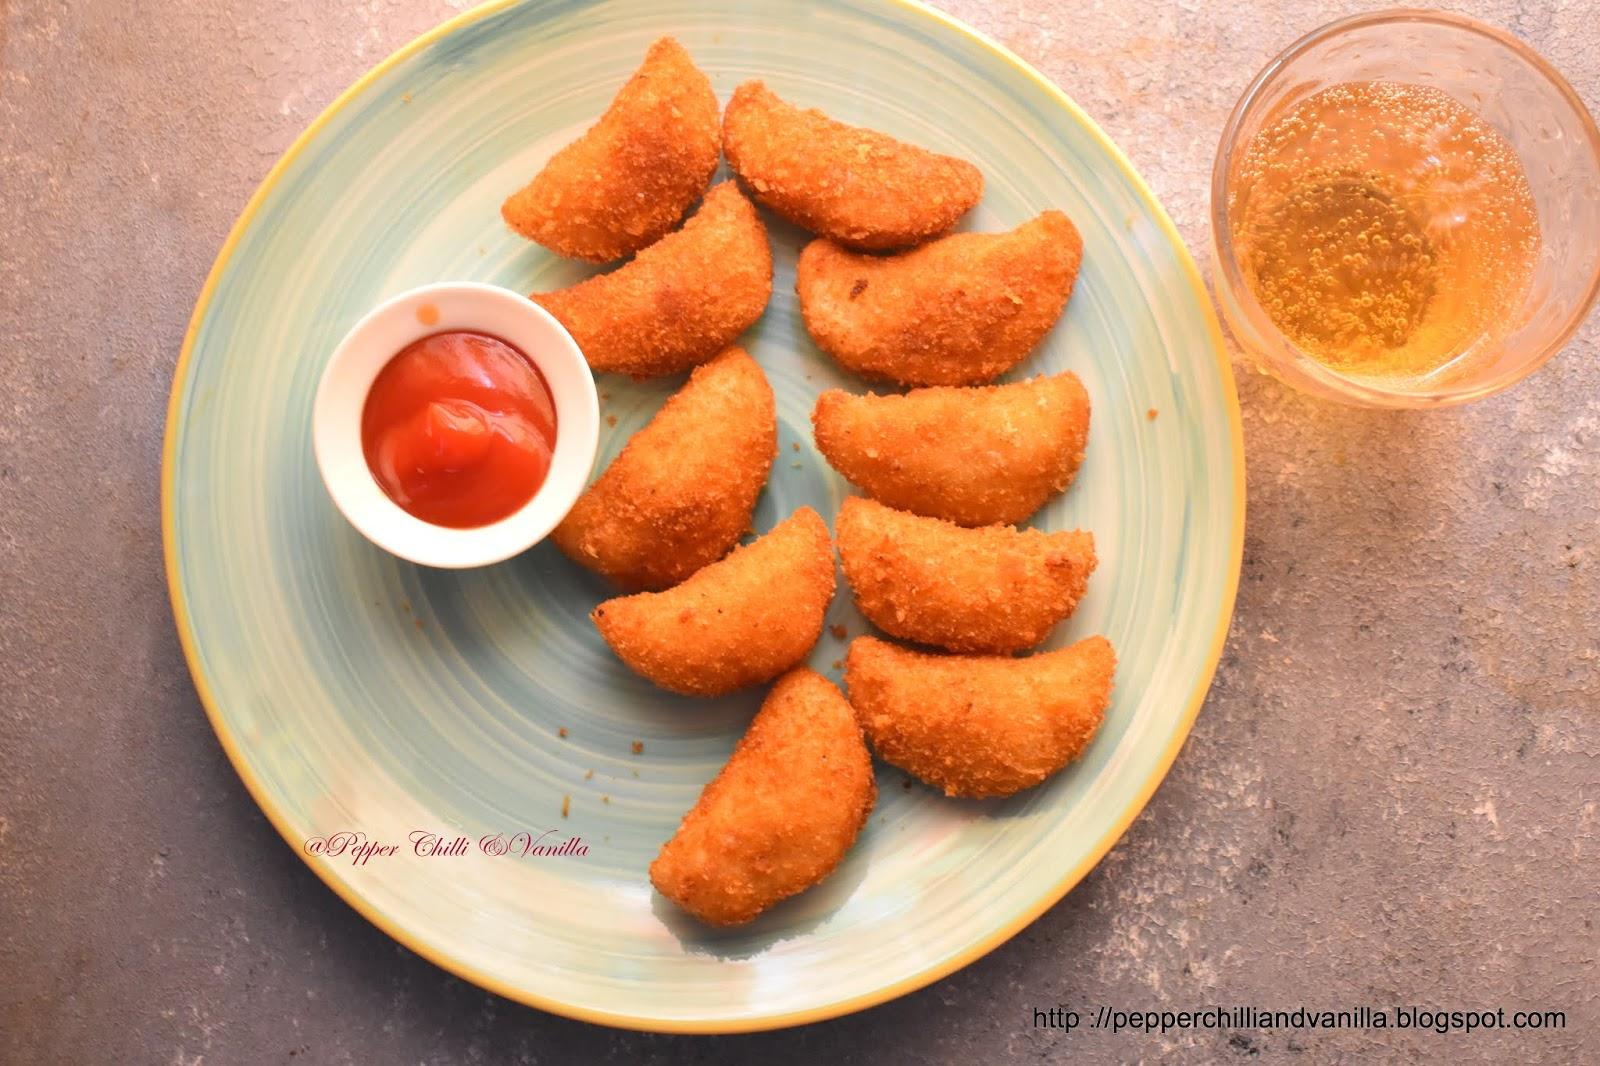 chicken rissois,chicken pies fried,chicken turnover,chicken rissois recipe